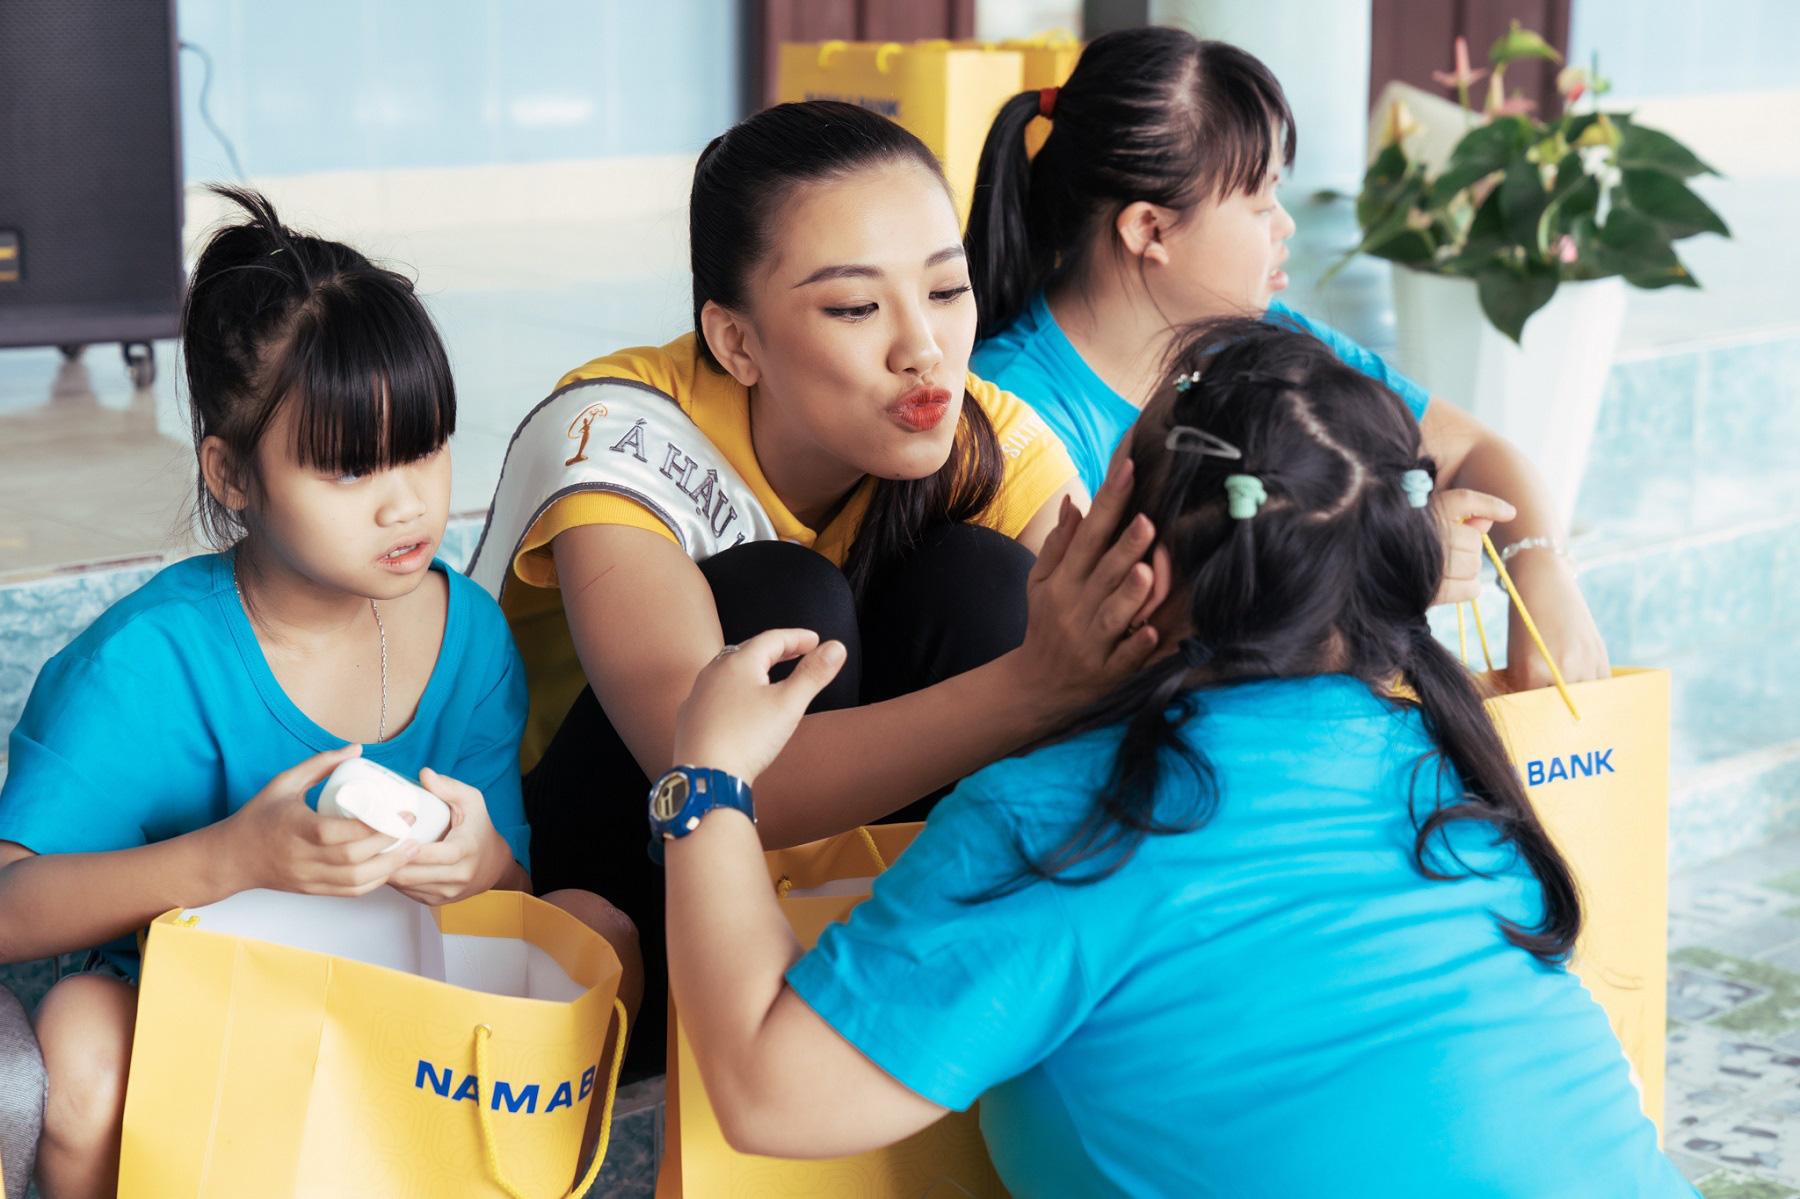 Nam A Bank đồng hành cùng tân Hoa Hậu Hoàn Vũ Việt Nam 2019 trao quà cho trẻ em tại mái ấm hy vọng - Ảnh 4.